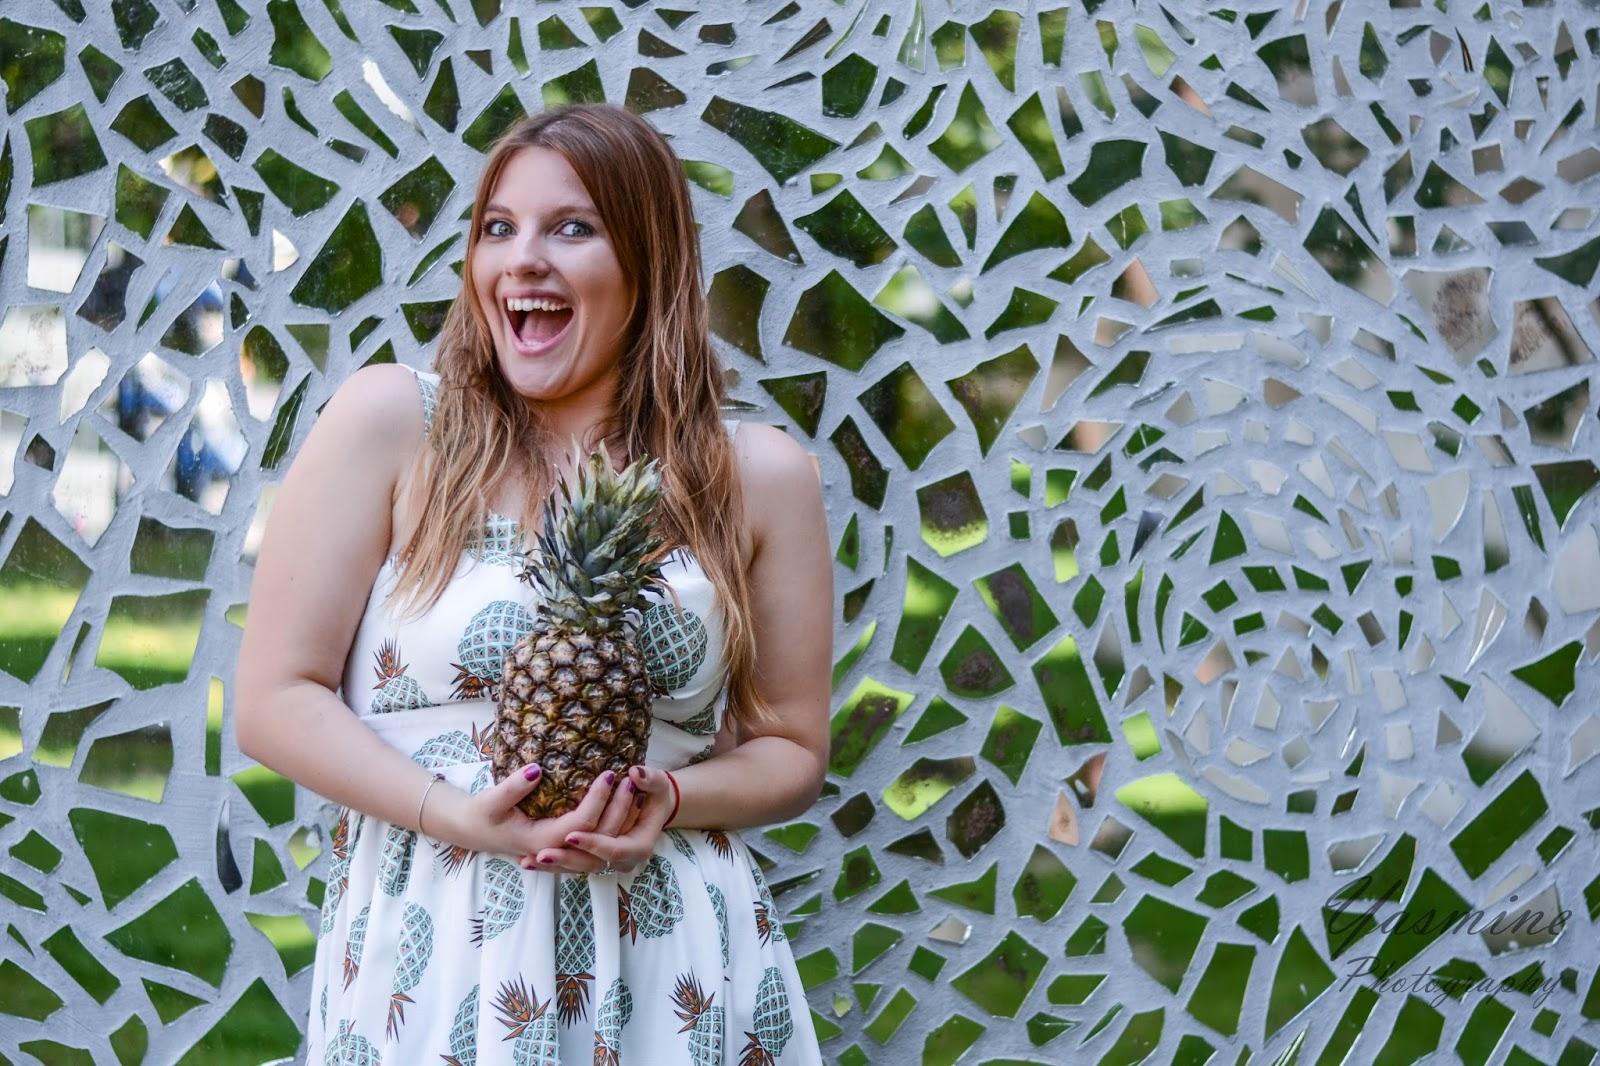 czy warto kupowac na stronach chińskich sklepów zaful sammydress dresslink sukienka w ananasy chińskie sklepy internetowe jakość pineapple dress fashion style melodylaniella yasmine photography